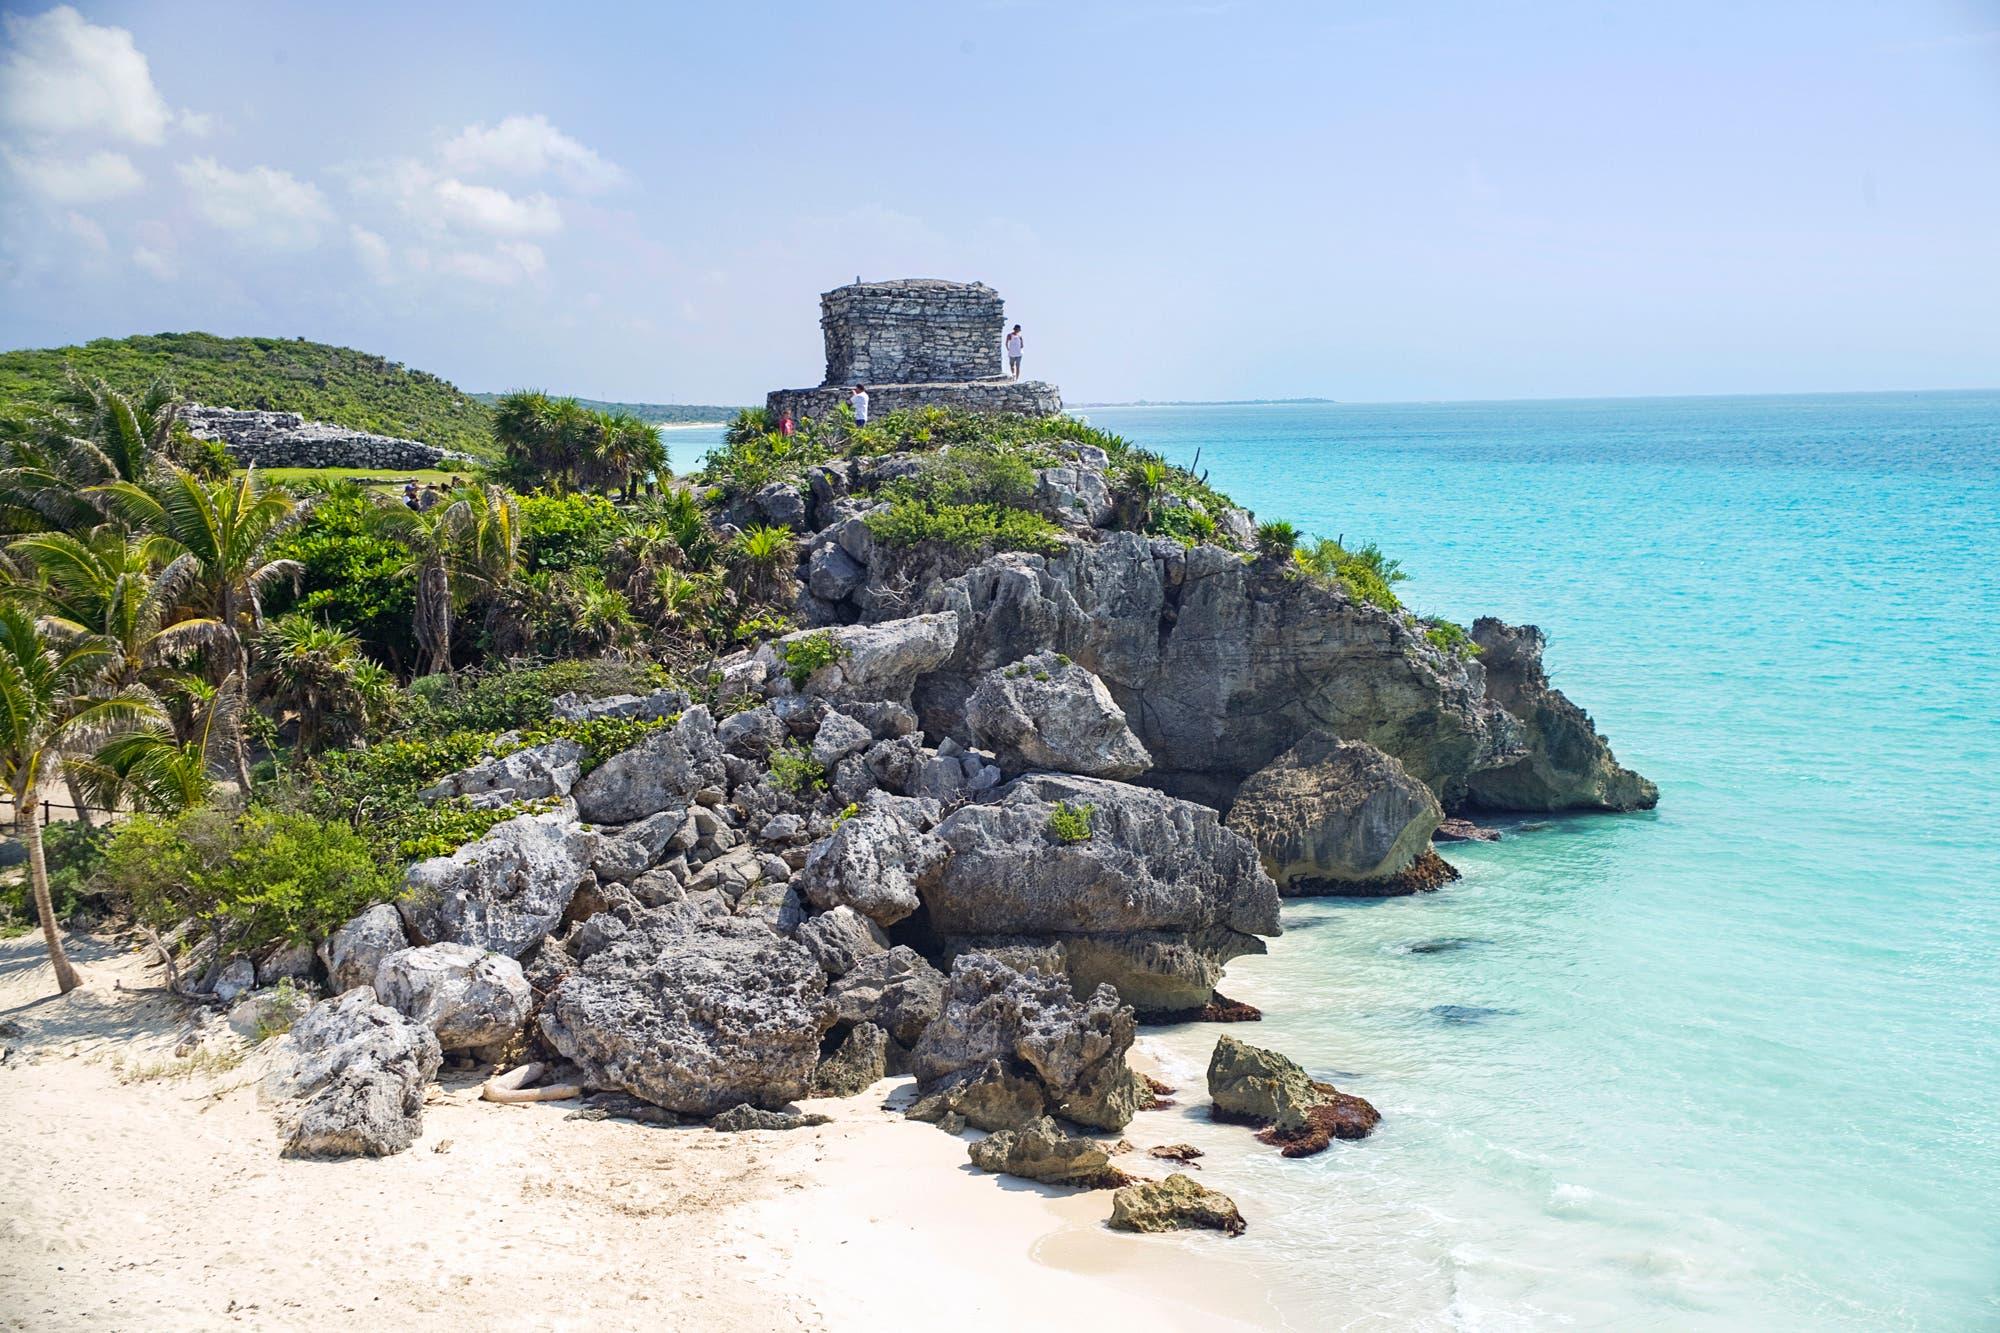 a1c81a1094ee 4 días para recorrer lo mejor de la Riviera Maya - LA NACION